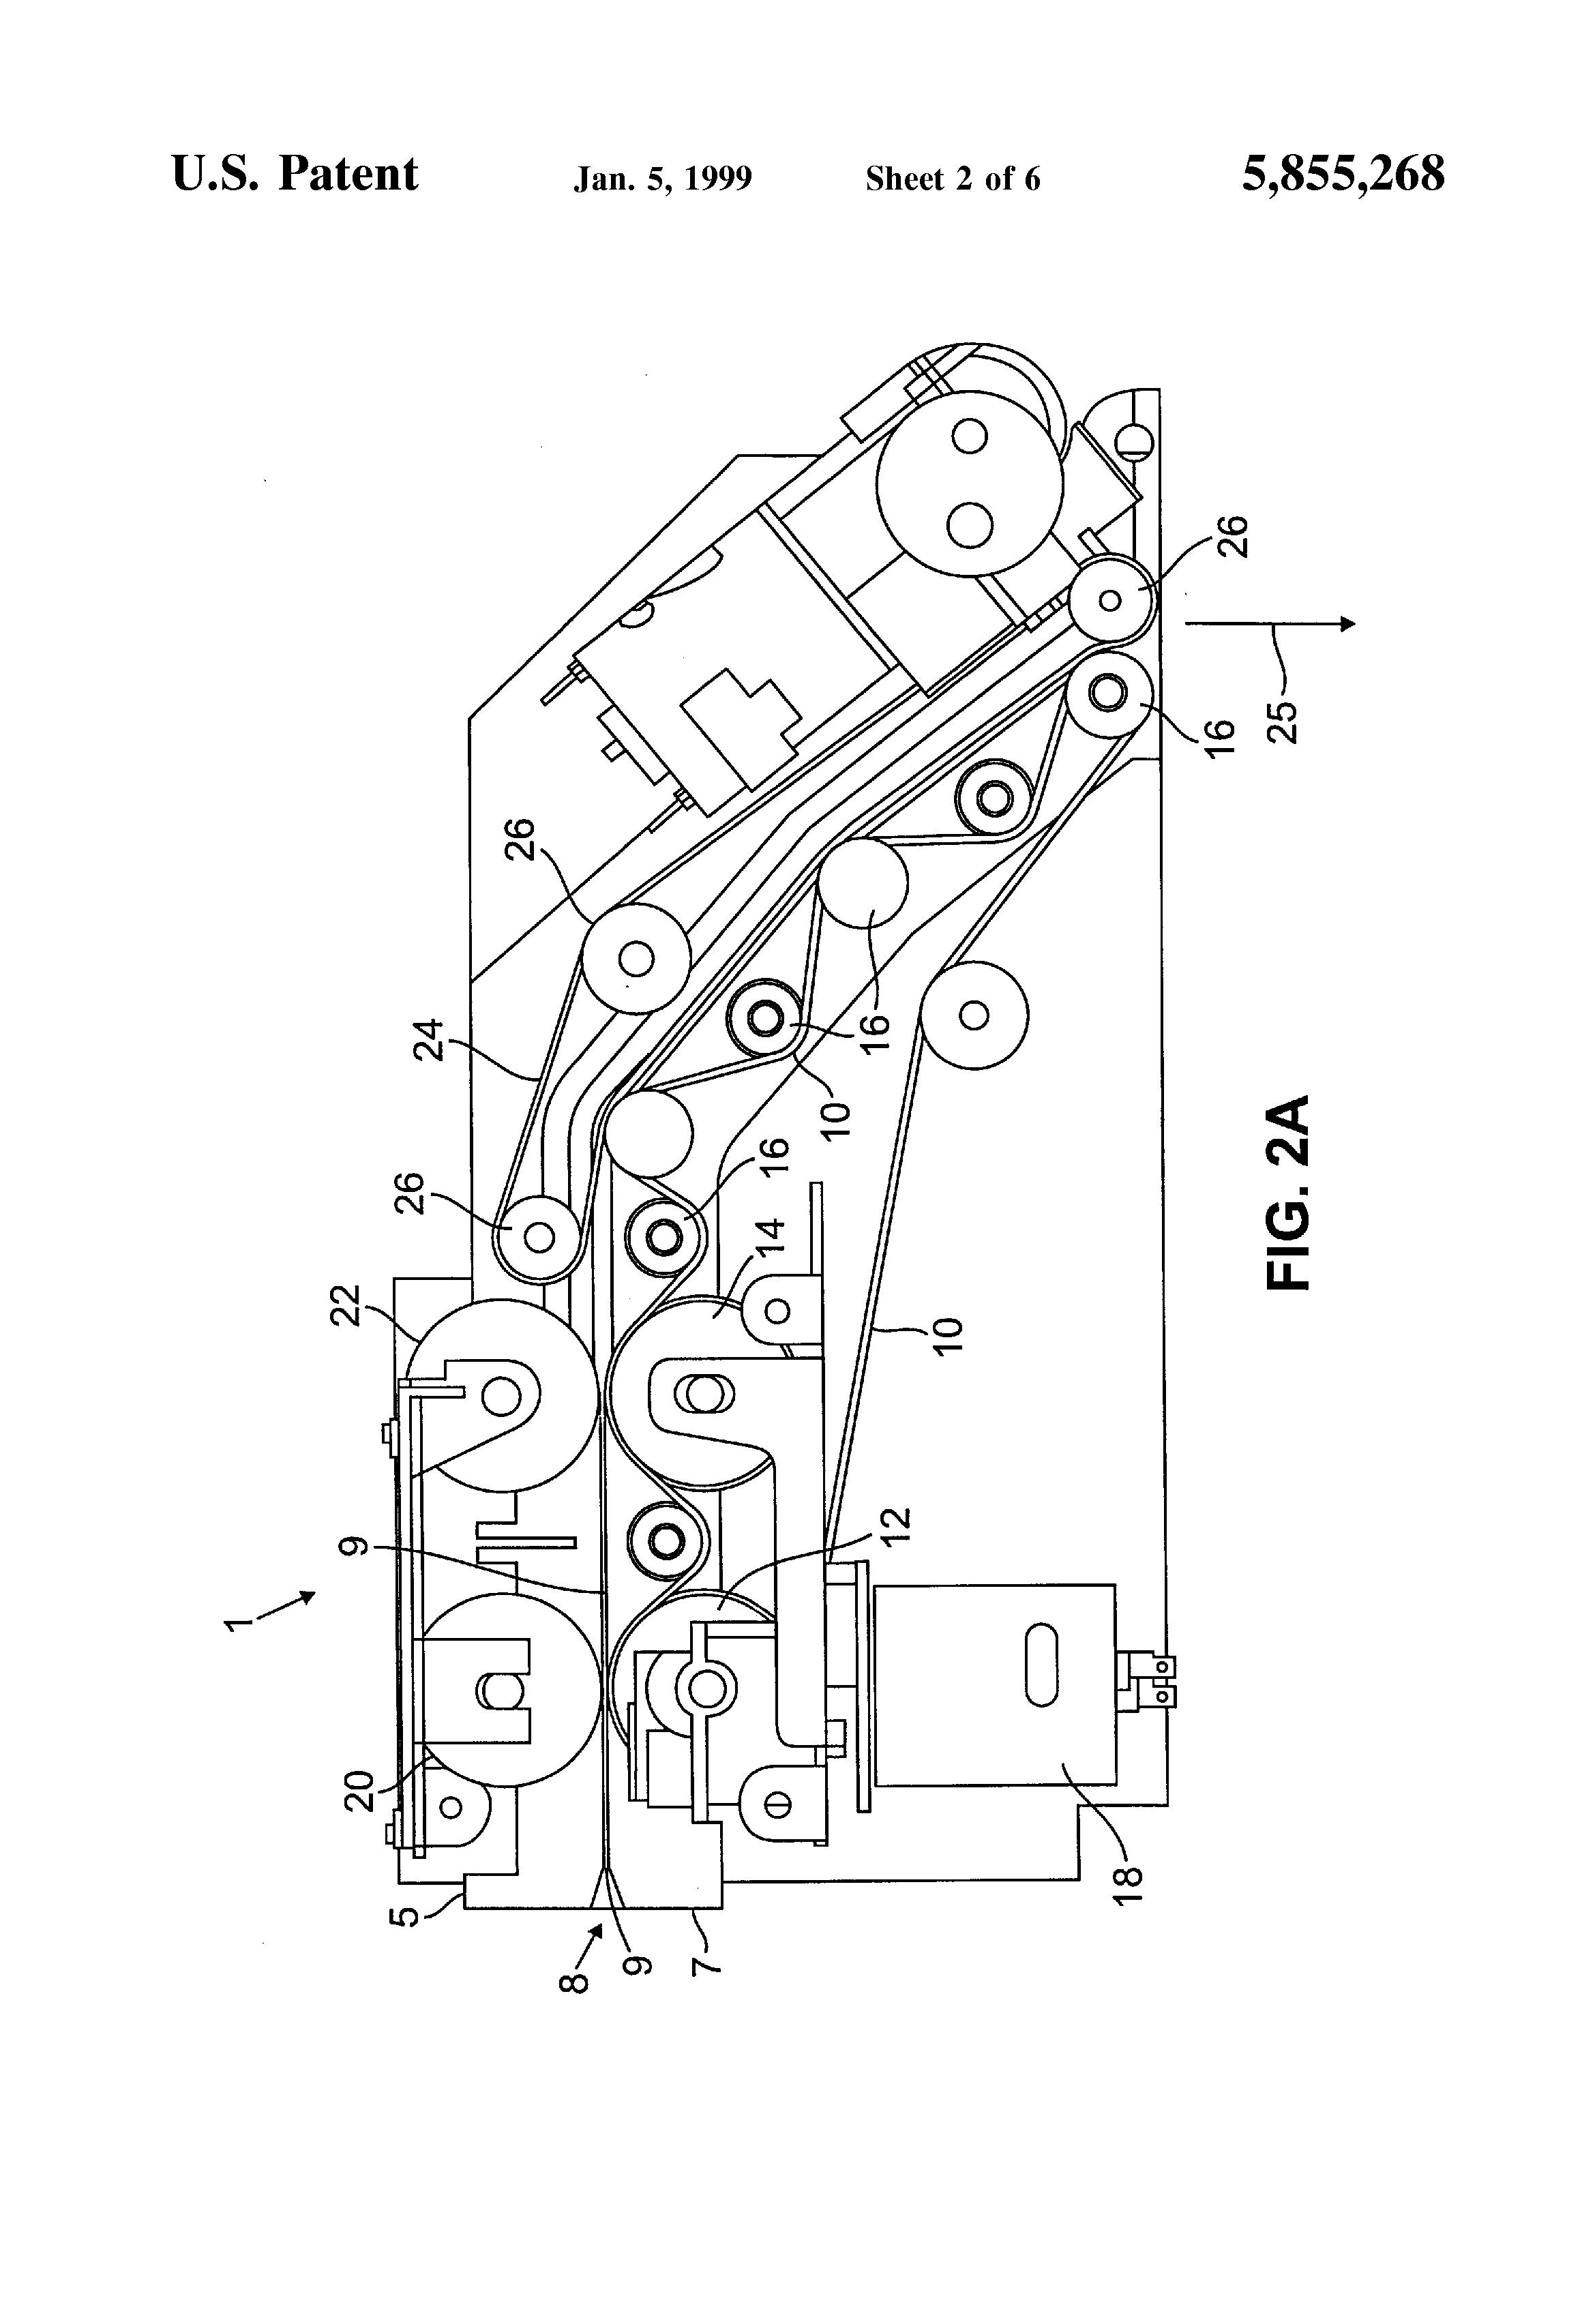 patent us5855268